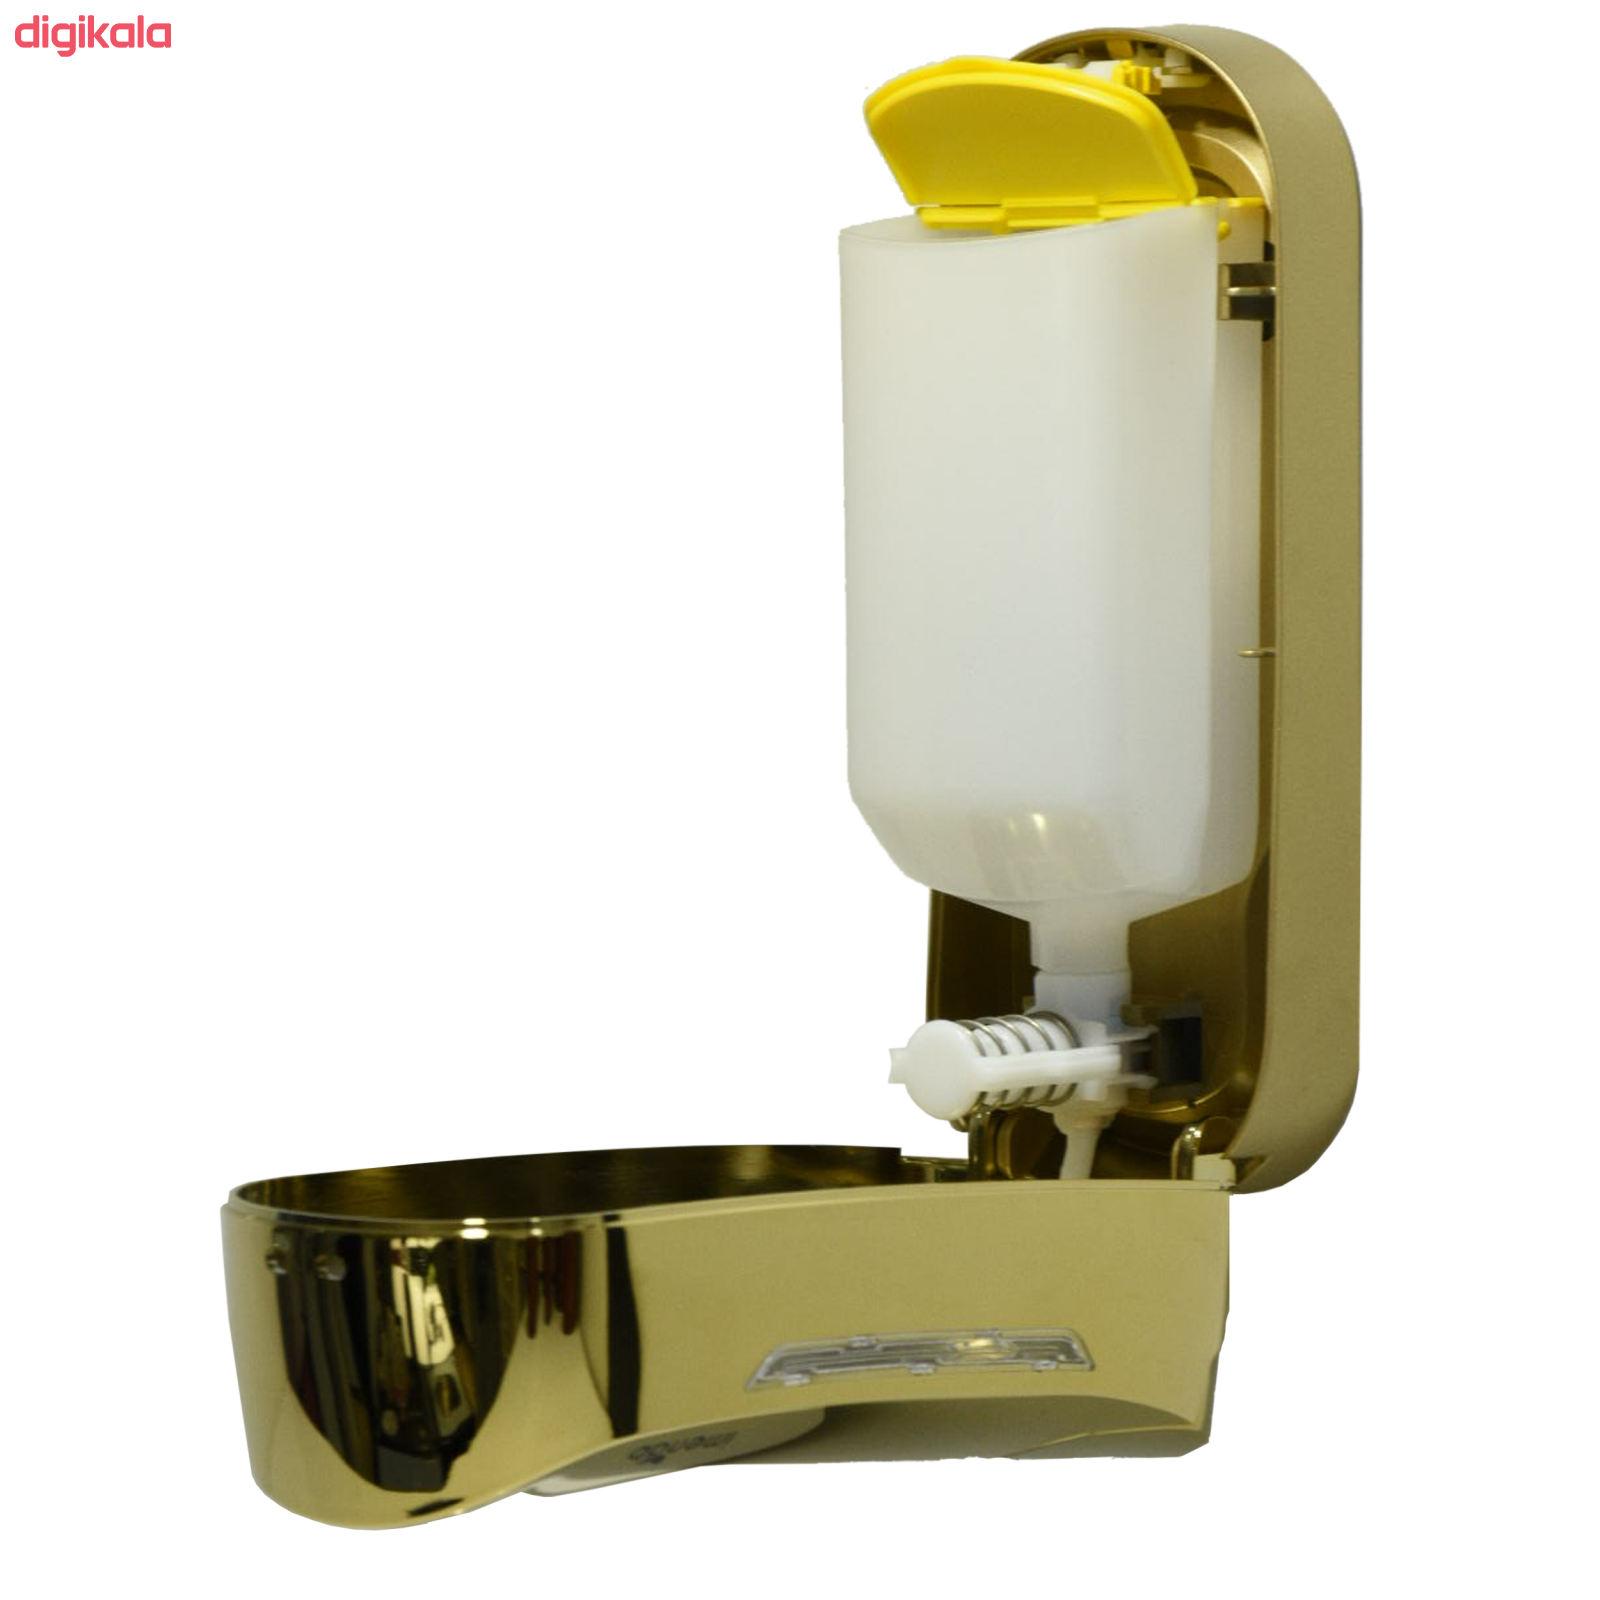 پمپ مایع دستشویی ایمن آب مدل ایما کد G1040 main 1 1